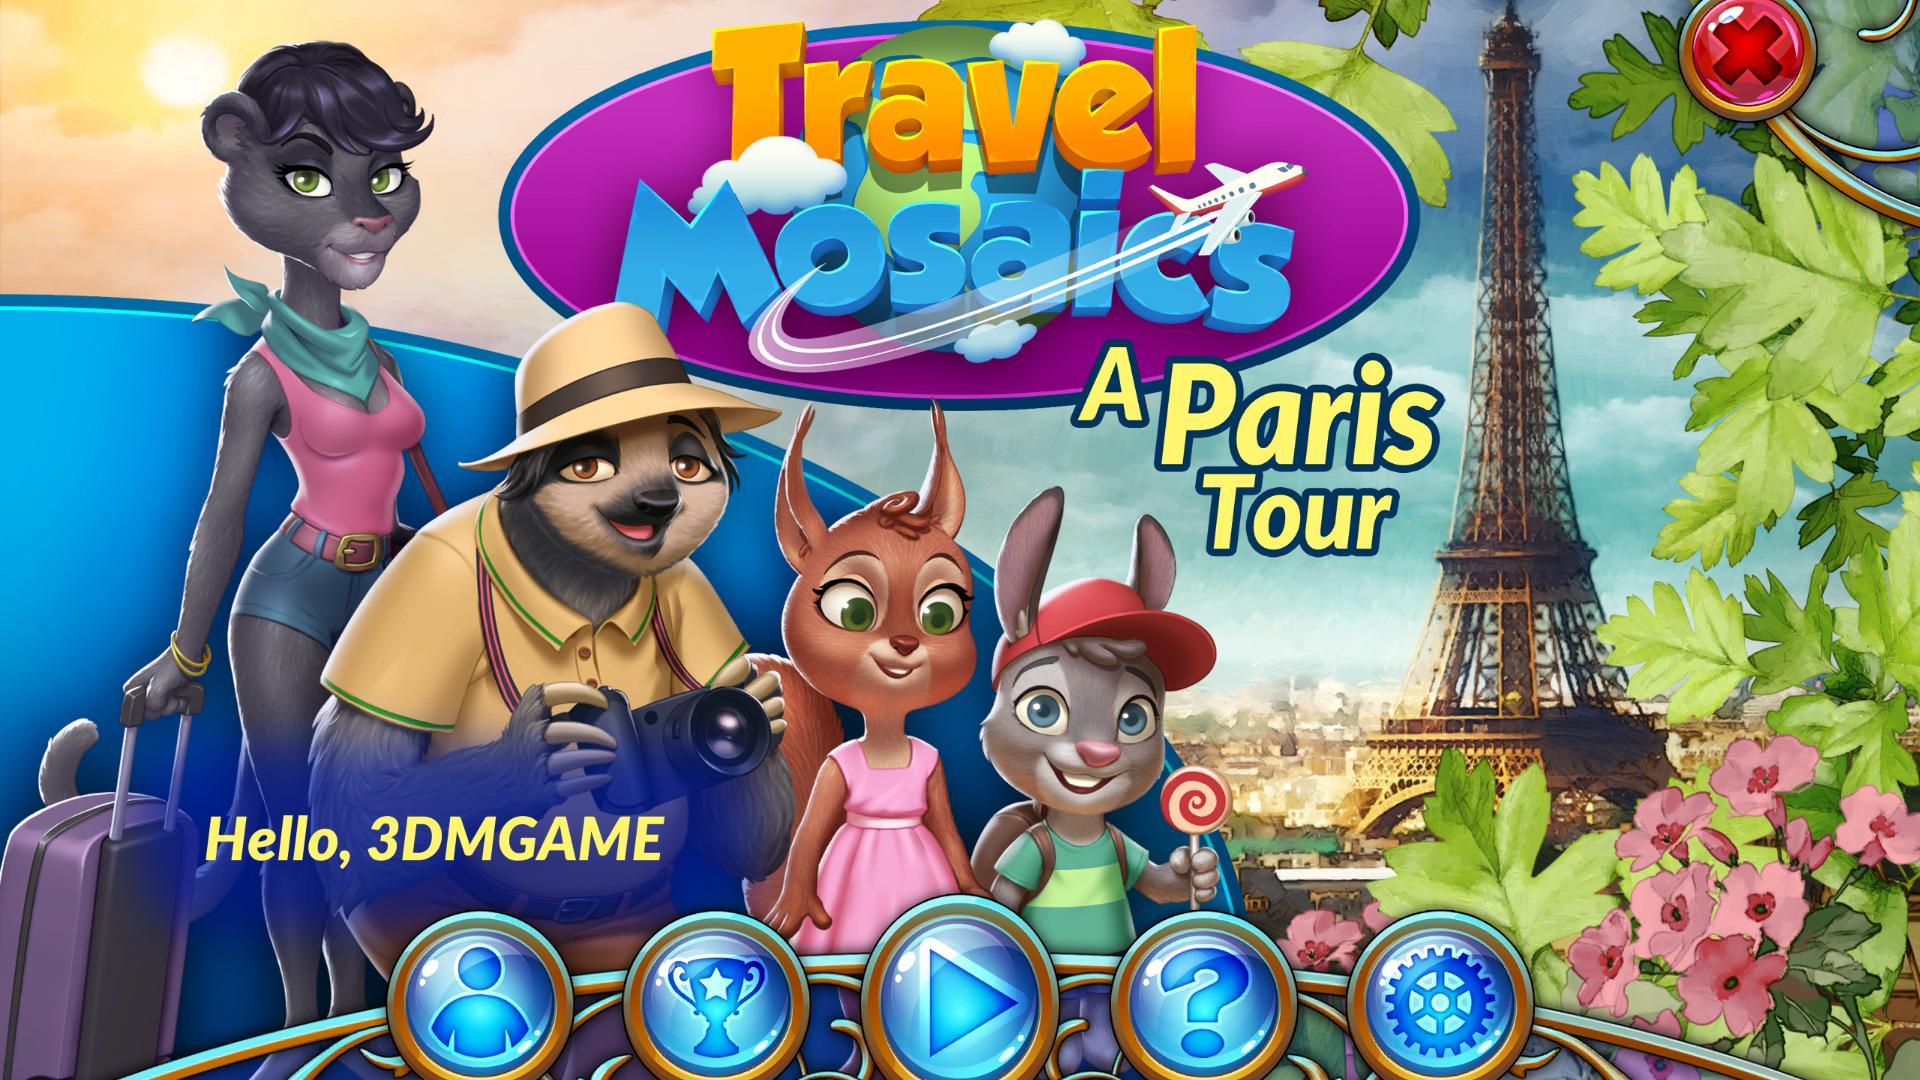 旅行马赛克:巴黎之旅 游戏截图